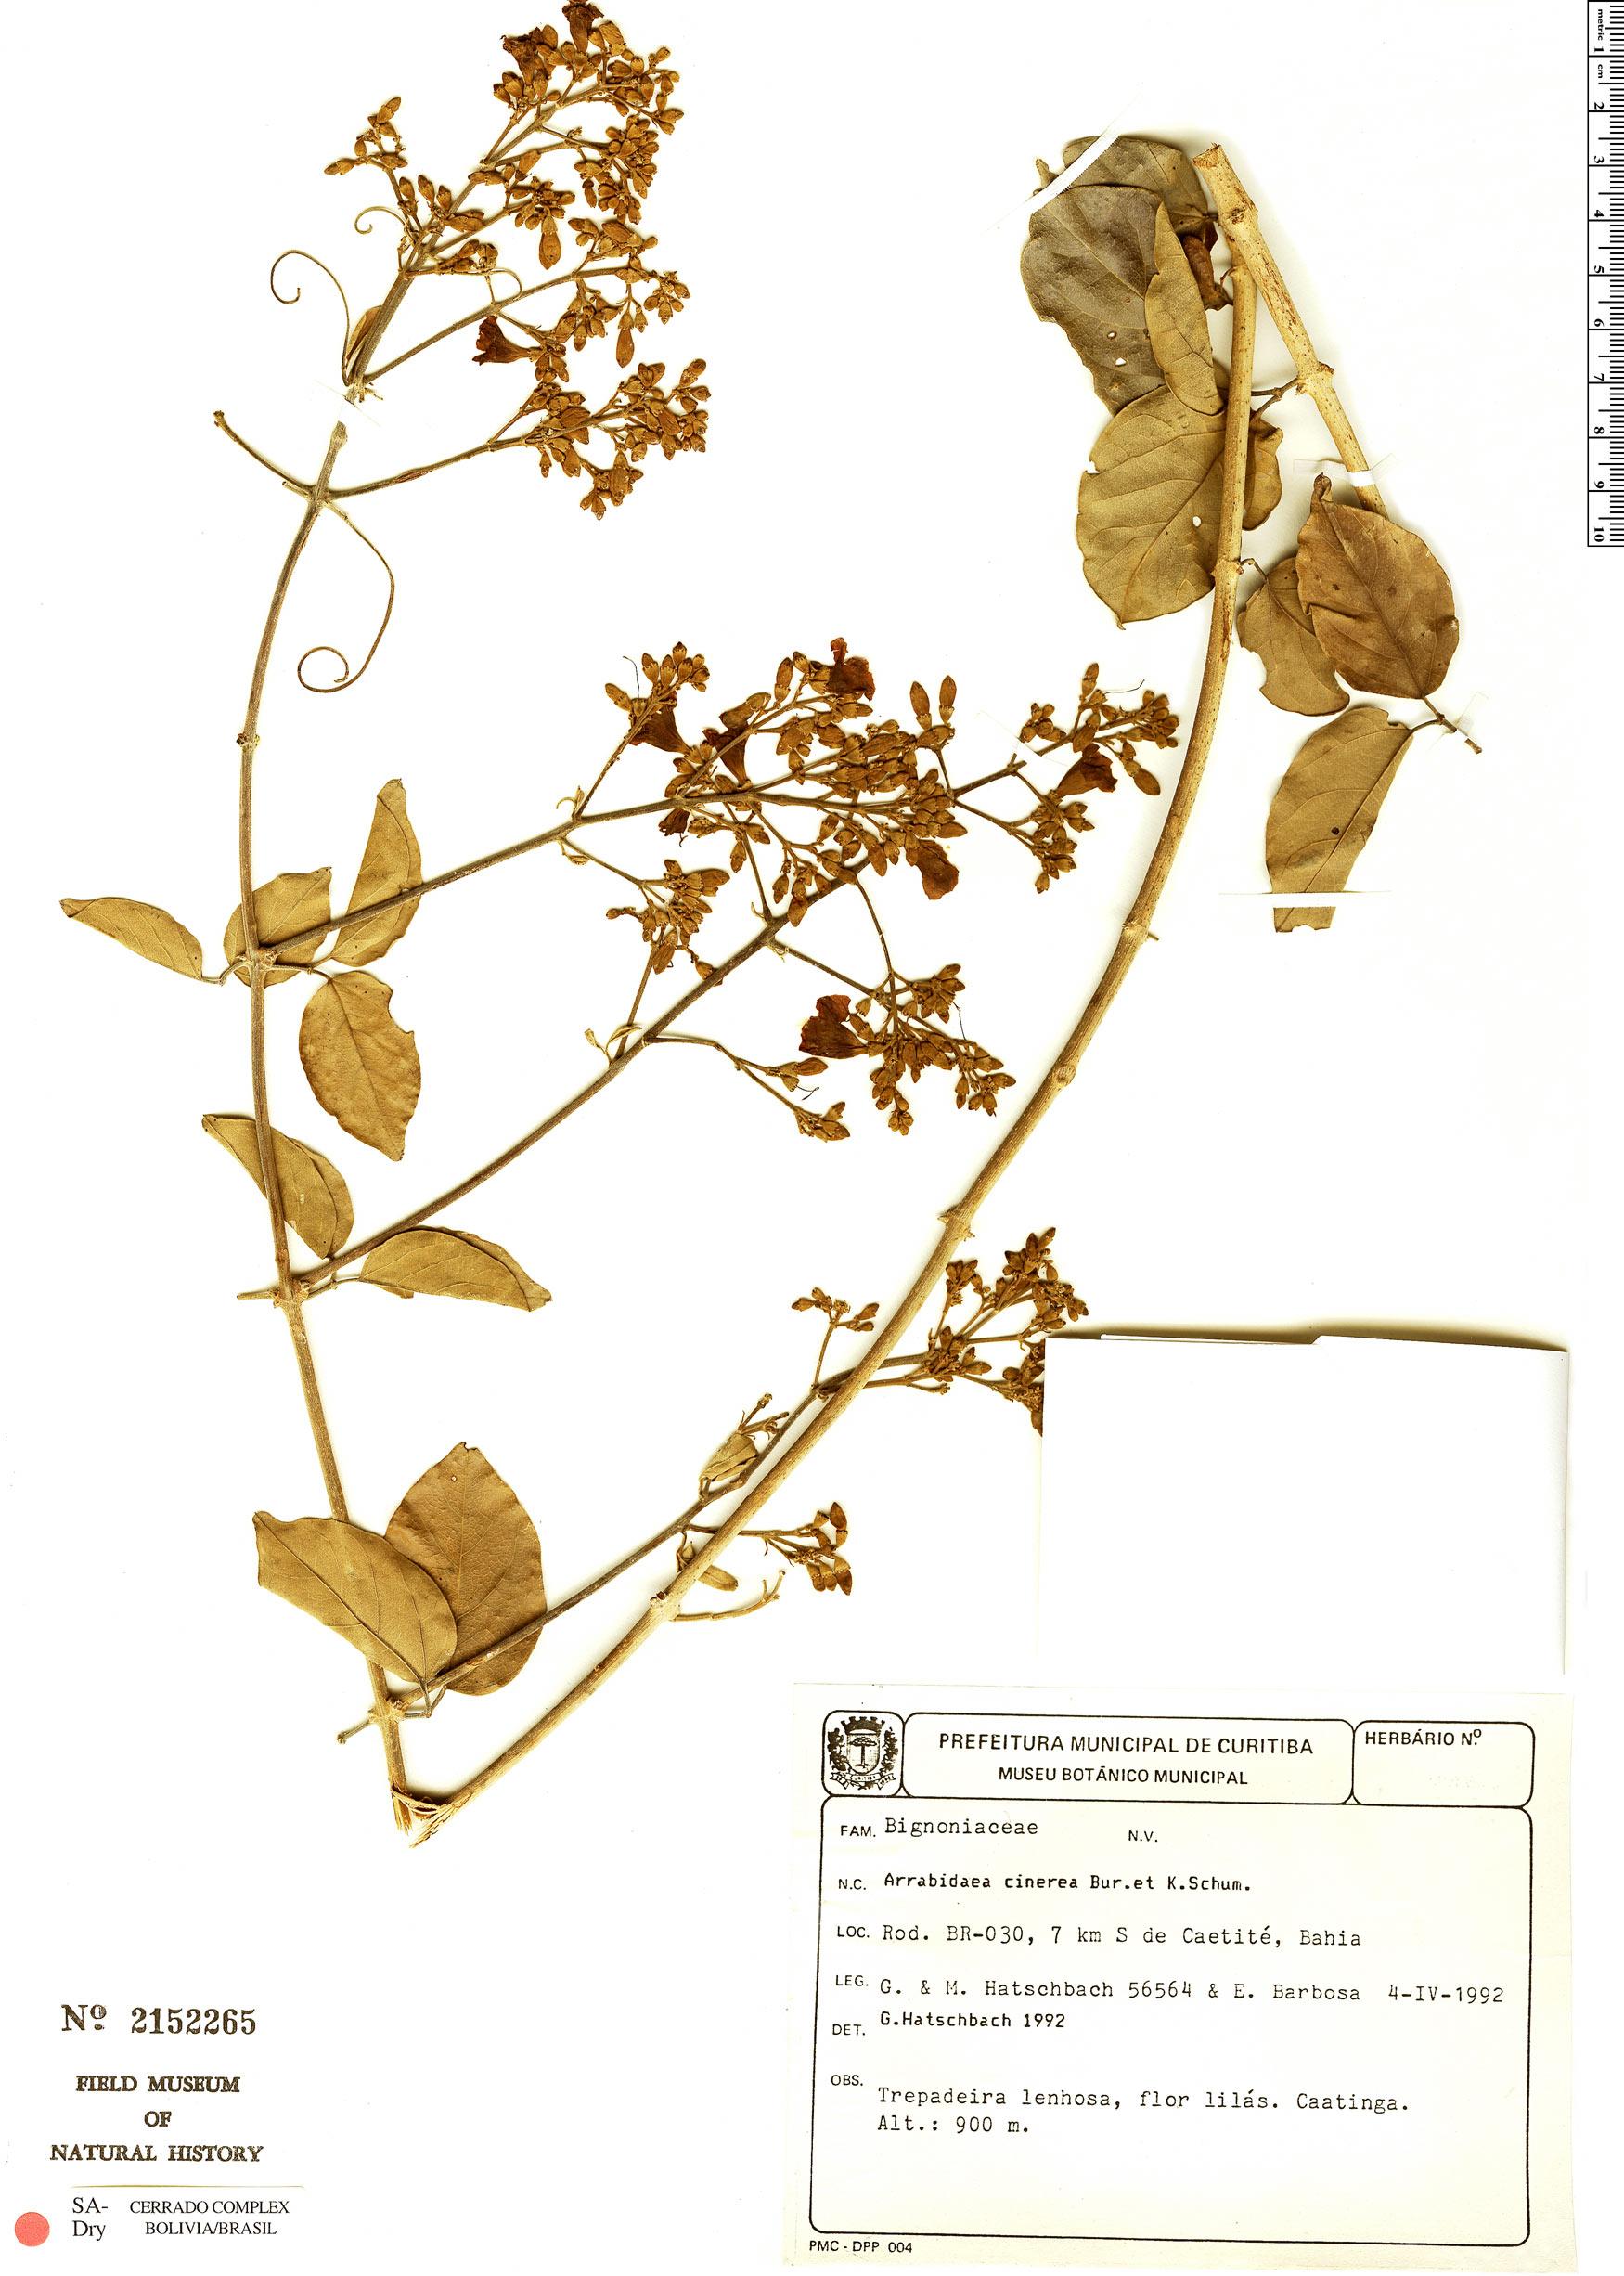 Specimen: Fridericia cinerea